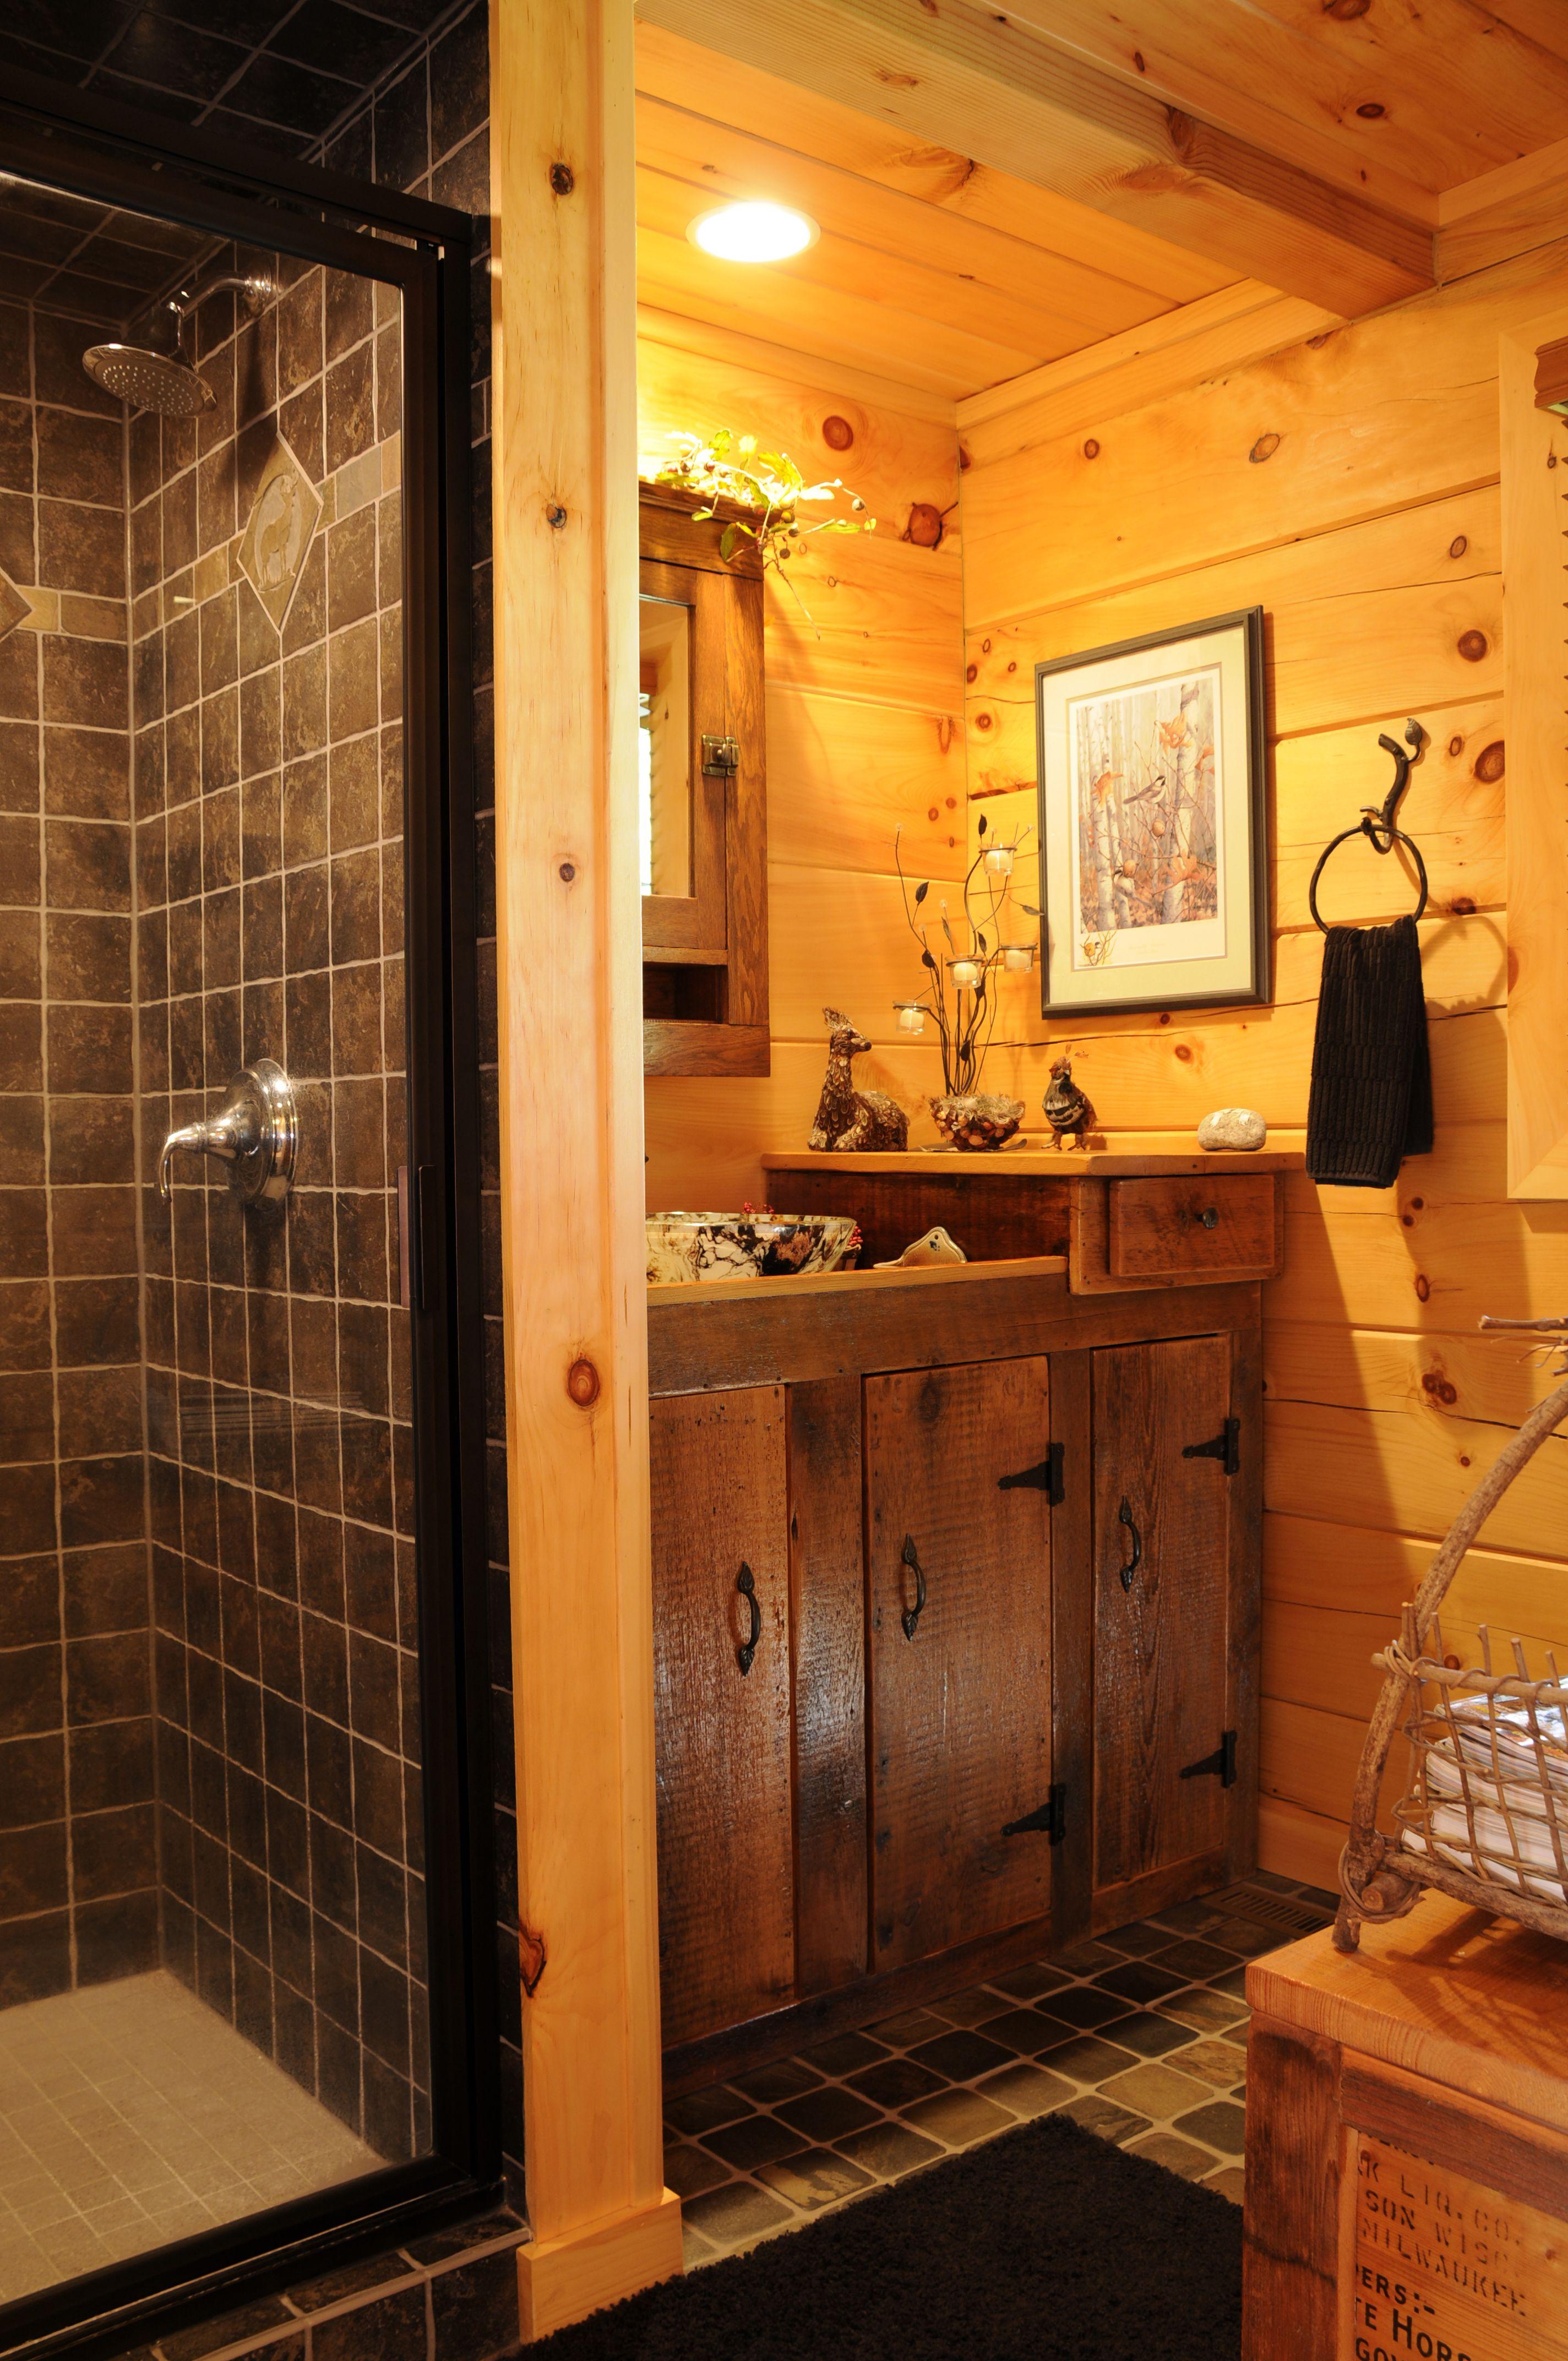 Rustic cabin bathroom bathroom bathroomdesign bathroomremodel